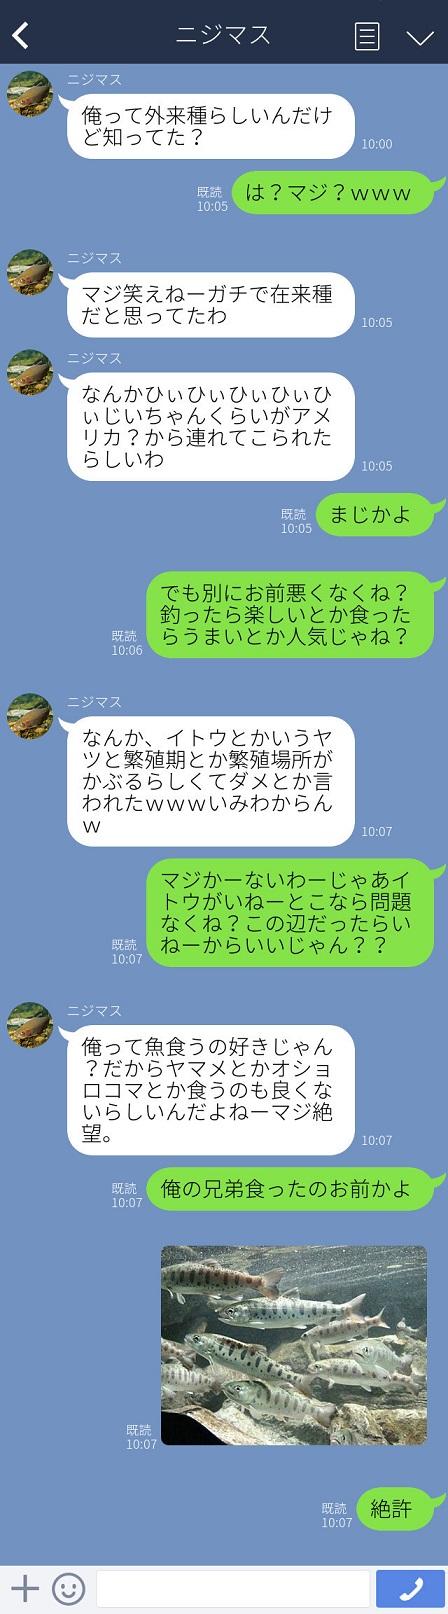 LINE風解説.jpg